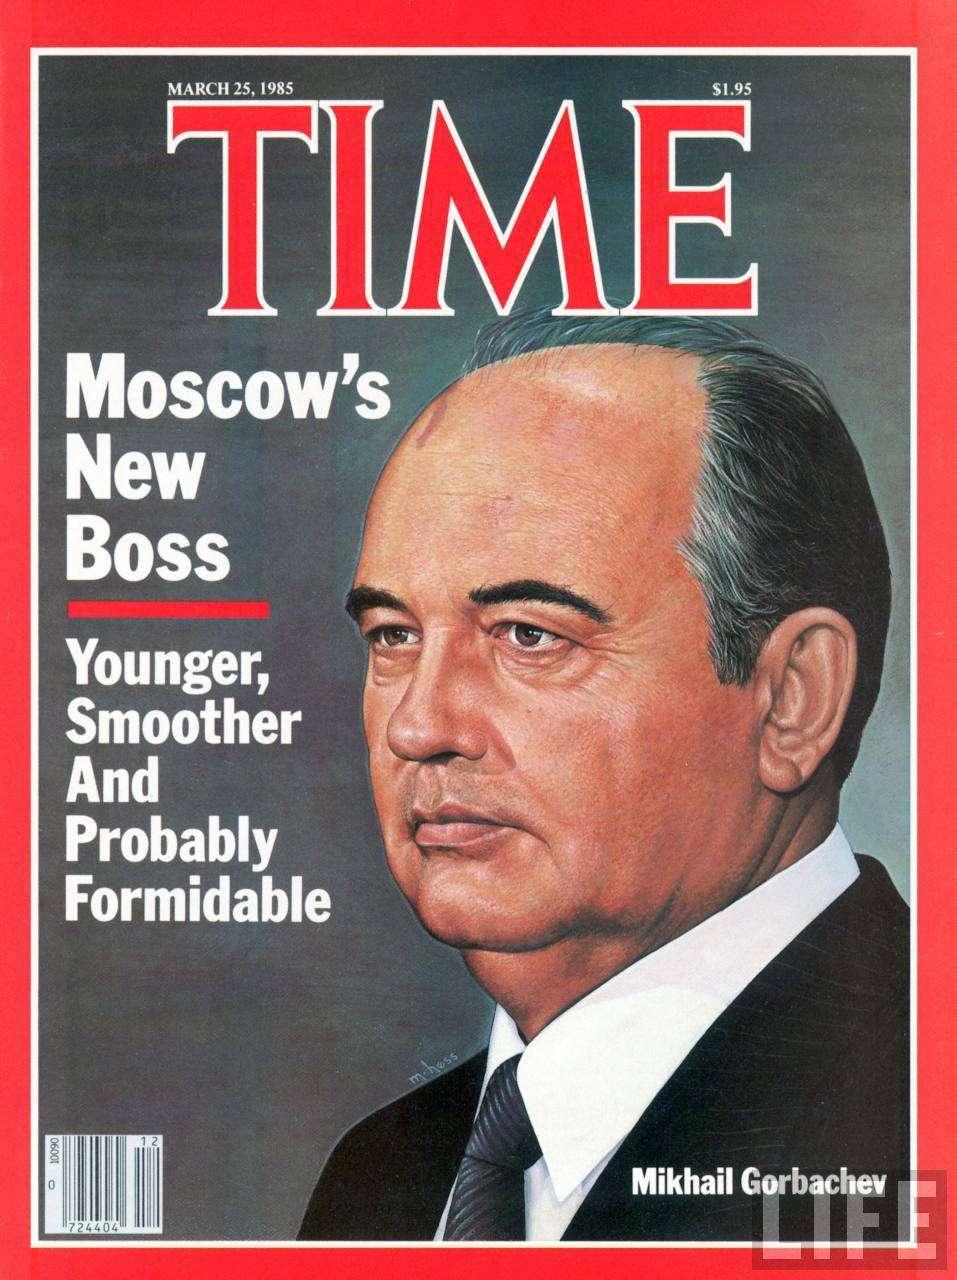 Ο Μιχαήλ Σεργκέγιεβιτς Γκορμπατσώφ. Εξώφυλλο του περιοδικού TIME